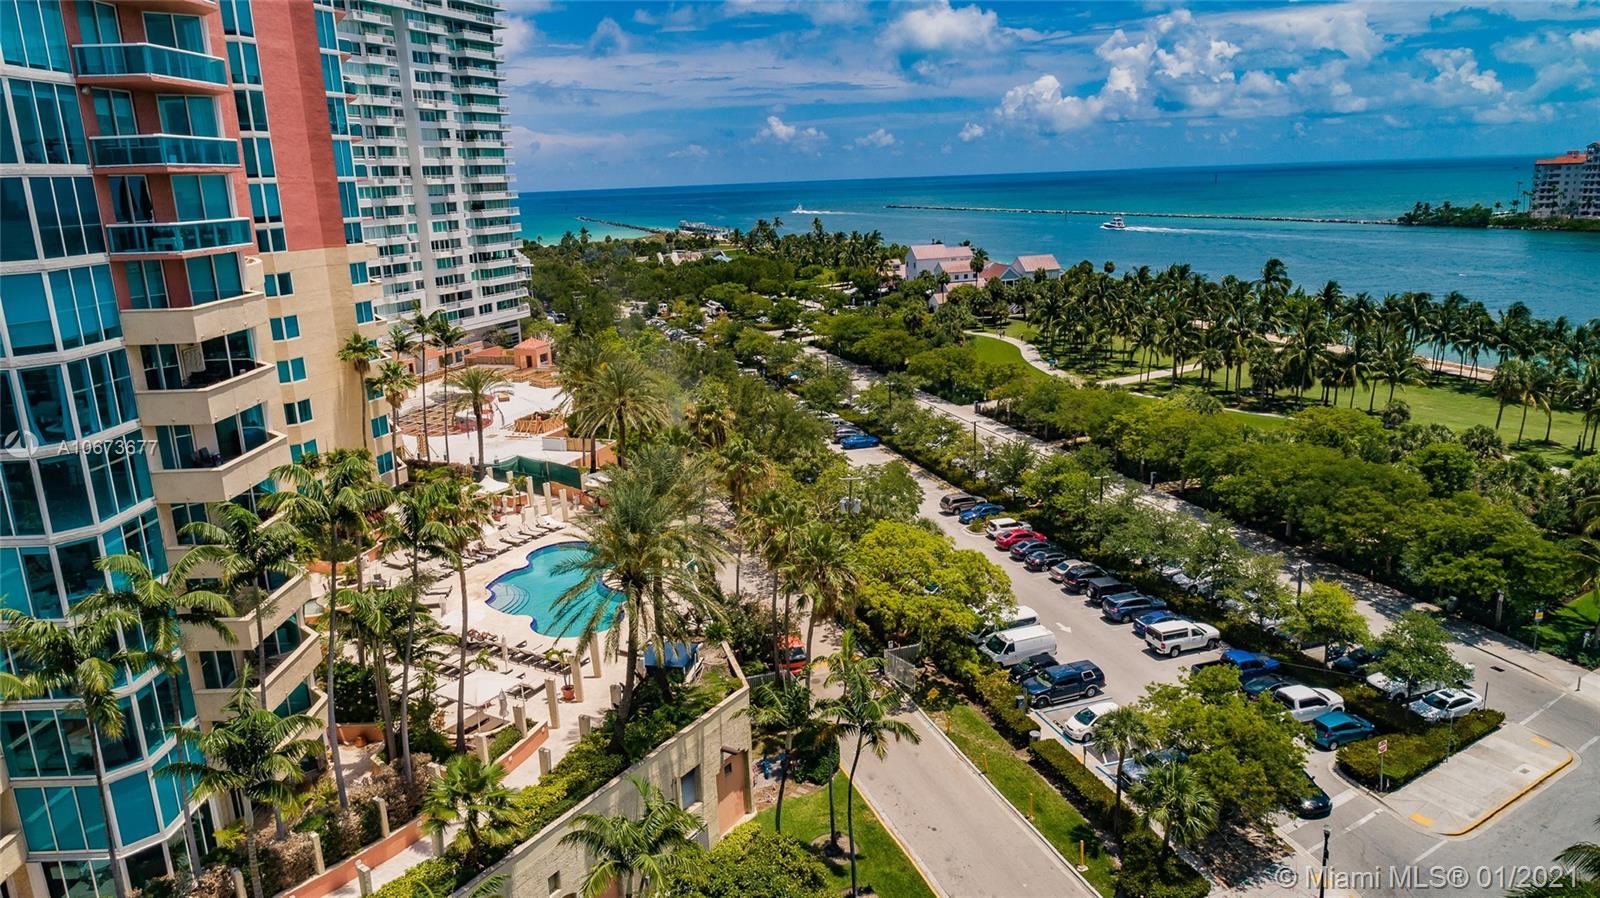 300 S Pointe Dr Unit 303, Miami Beach FL 33139